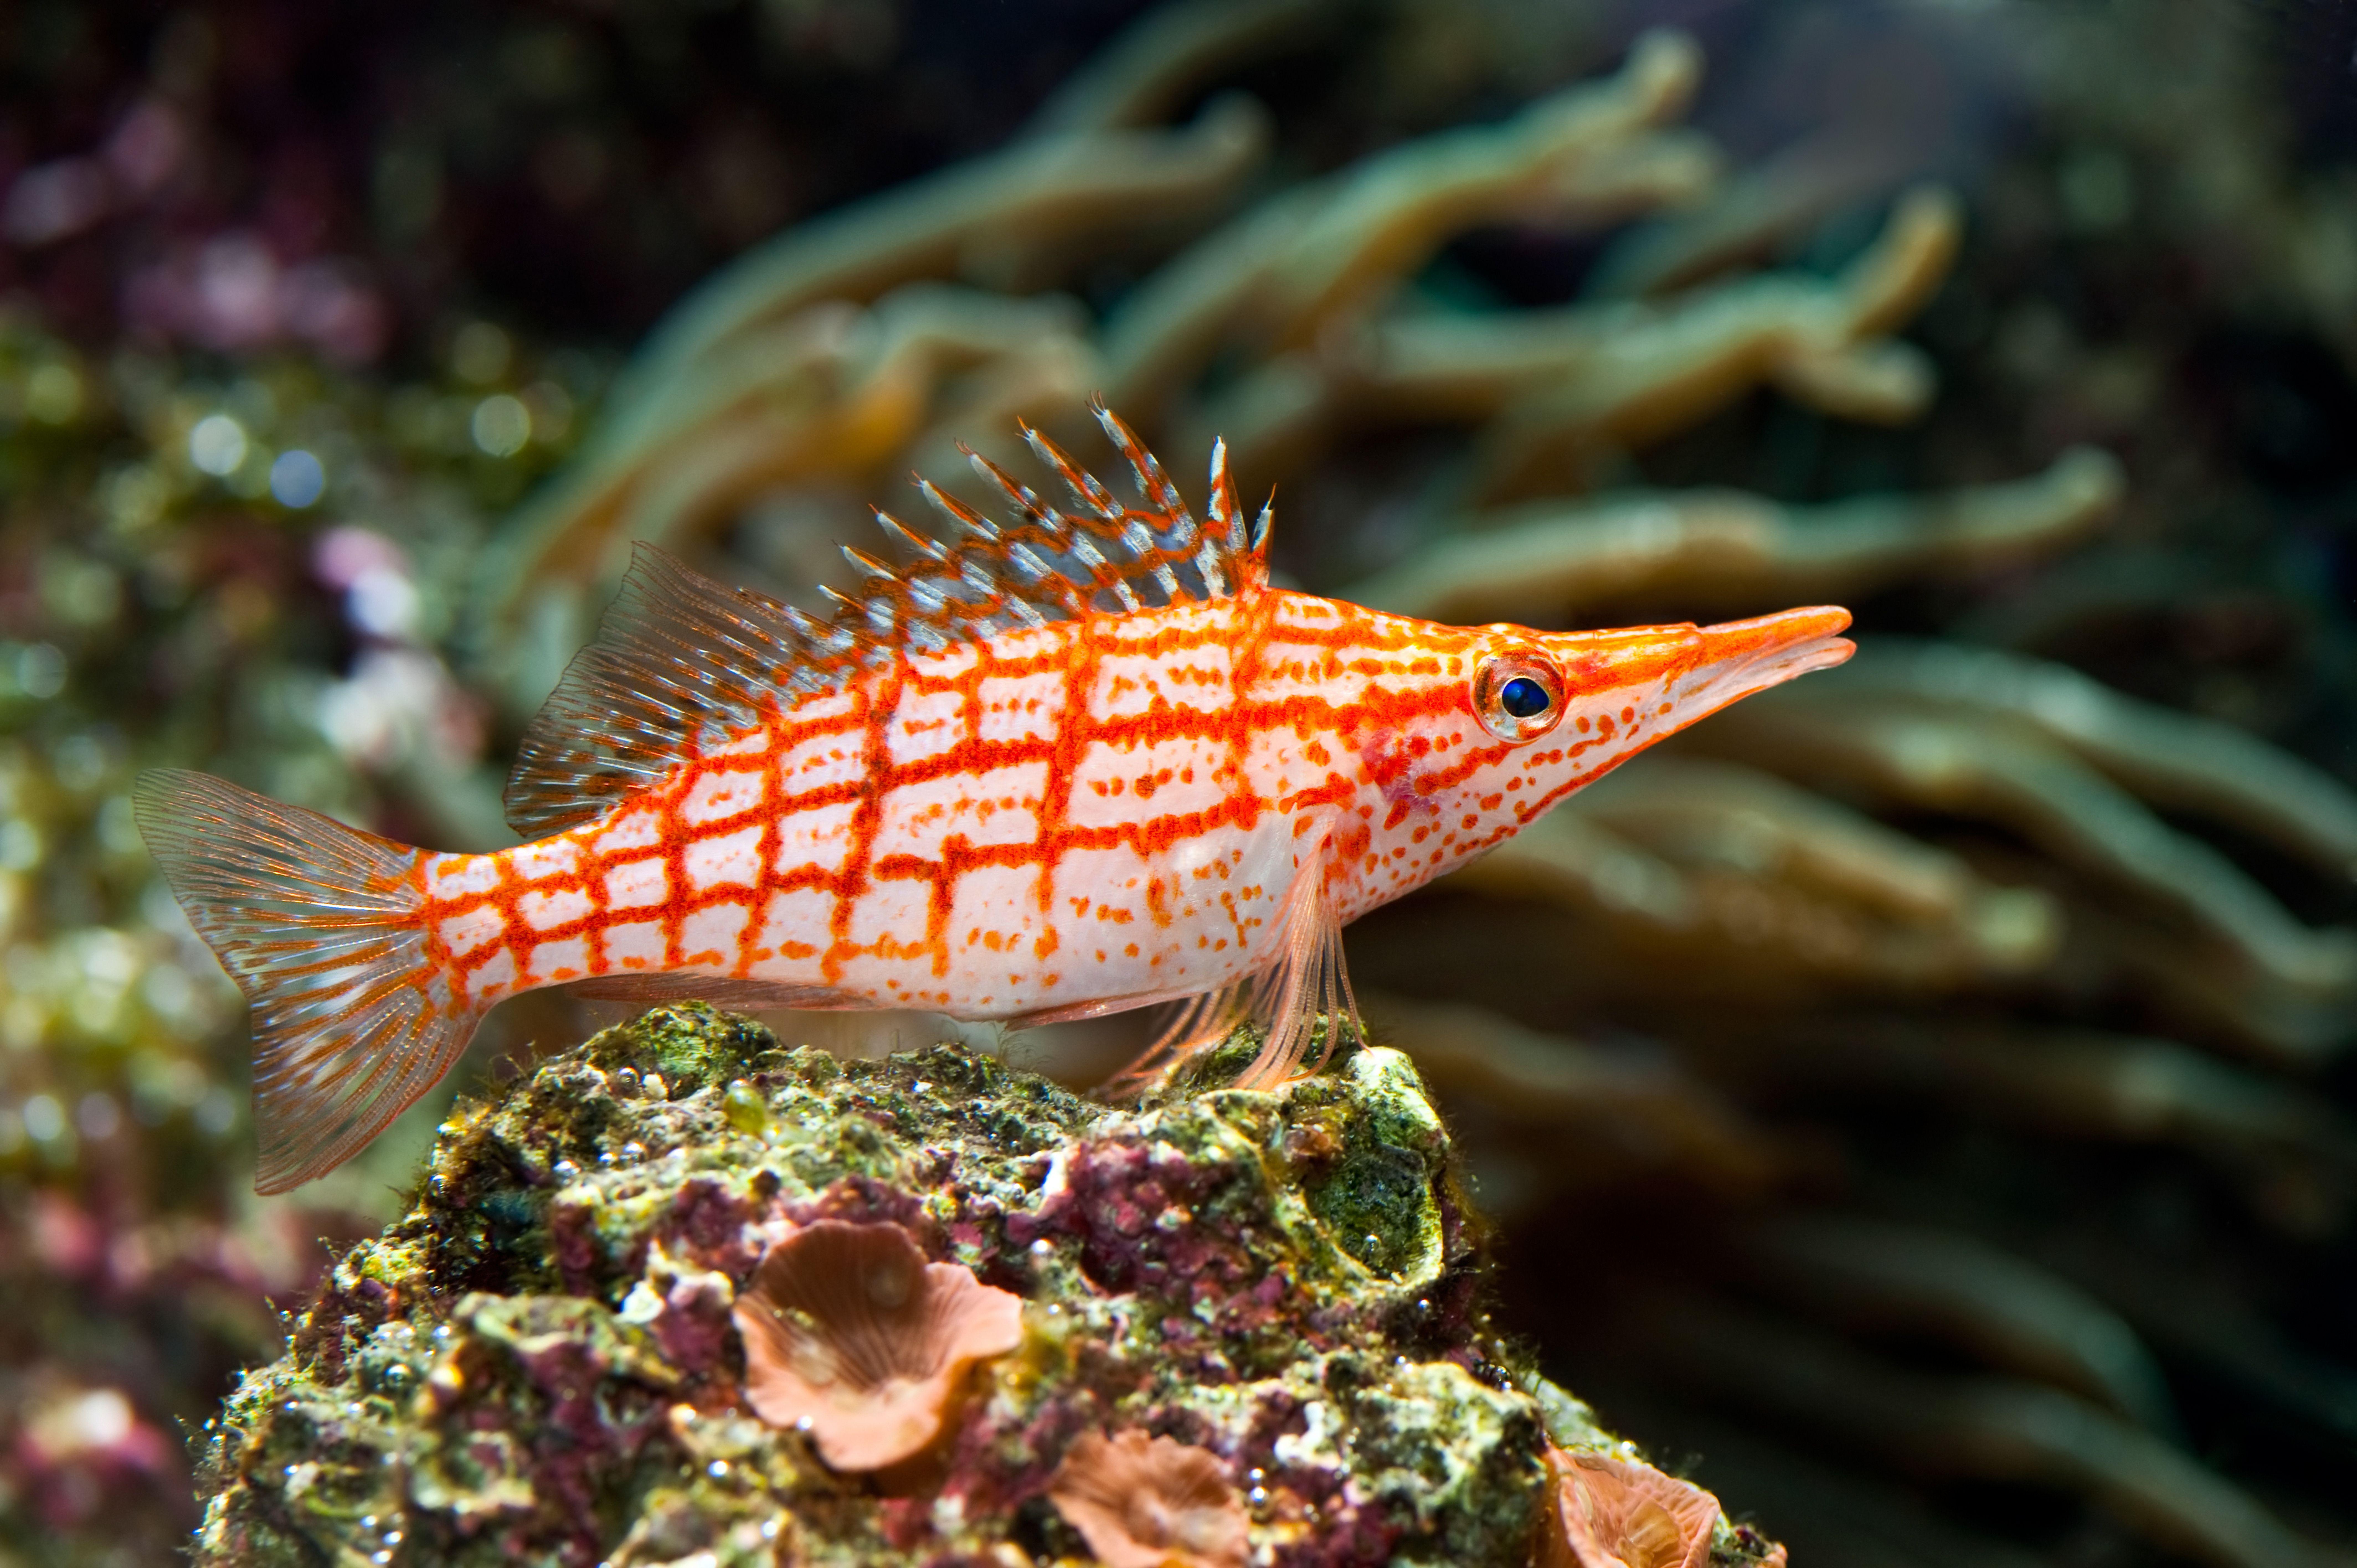 Обои для рабочего стола Рыбы Подводный мир marine fish Животные 8512x5664 животное